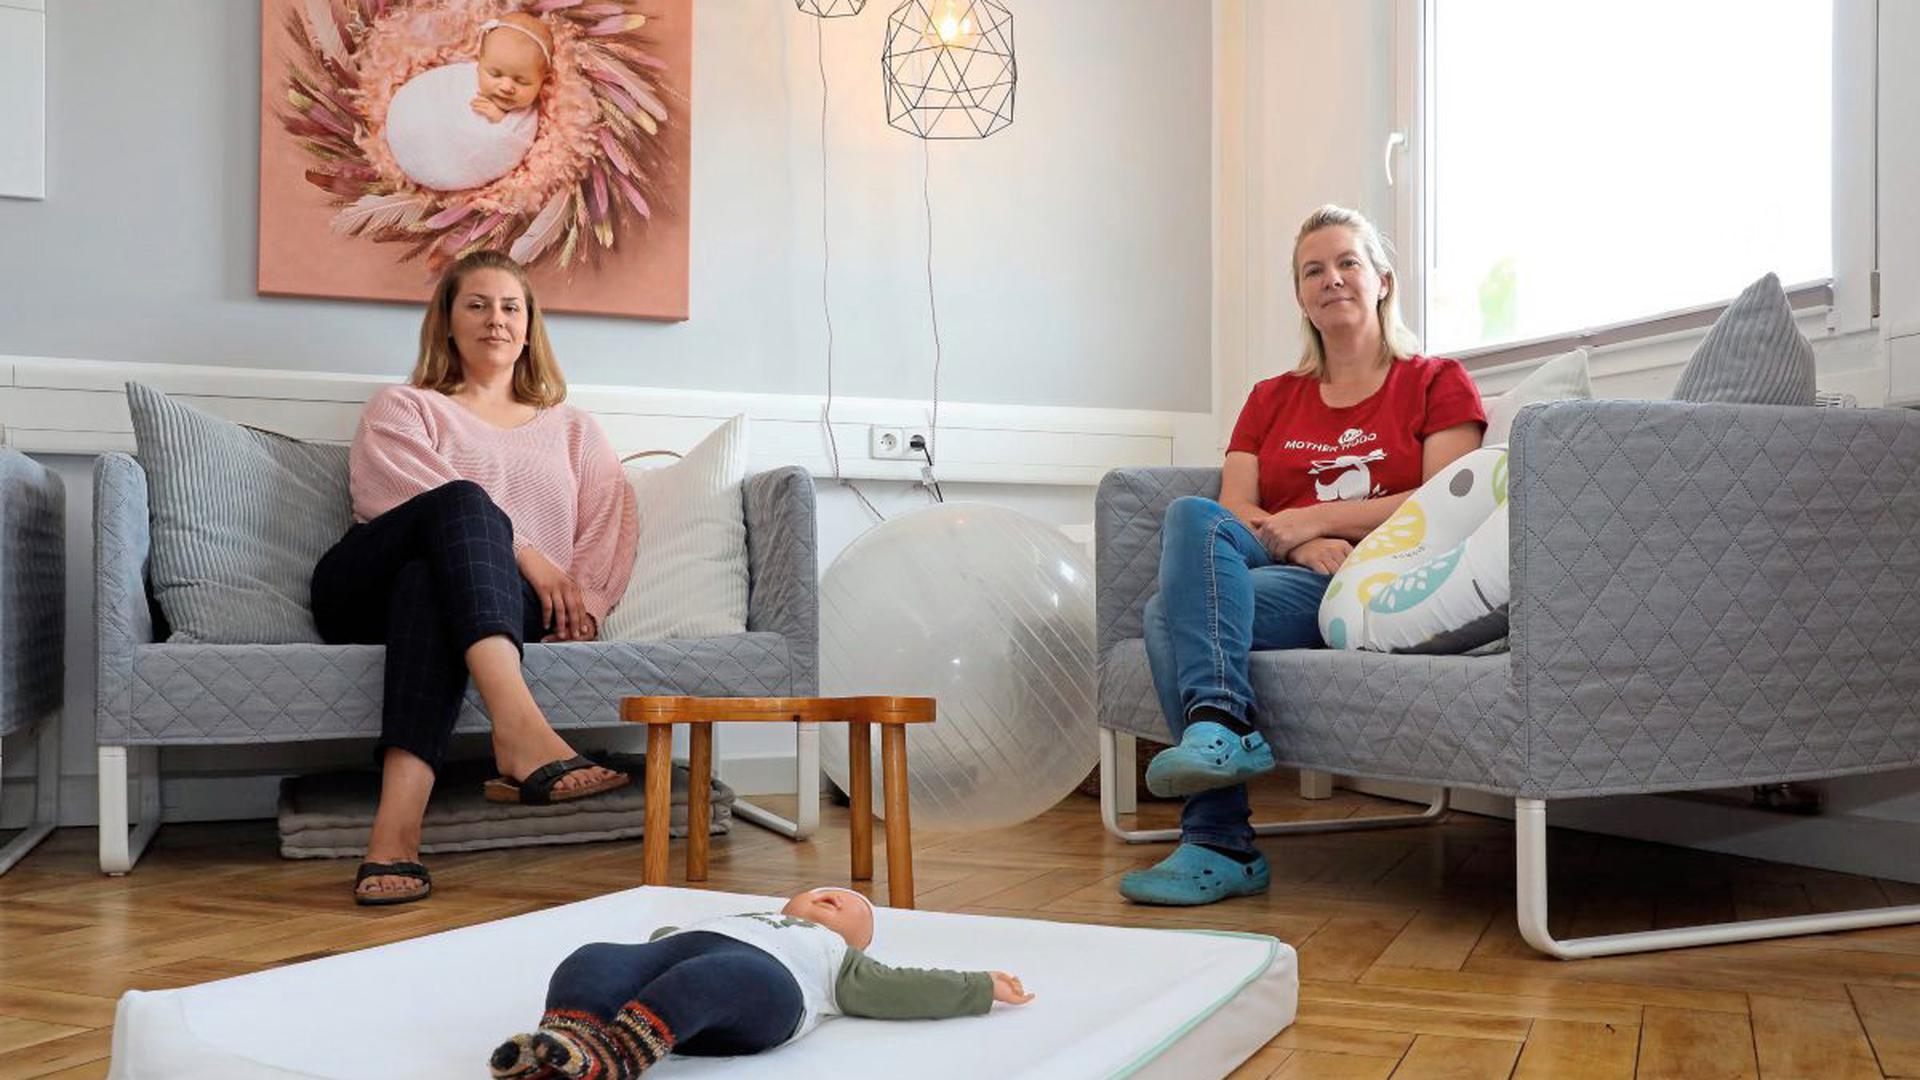 Die Hebammen Magdalena Kögler (links) und Anja Lehnertz kritisieren den Umgang mit ihrem Berufsstand, besonders in Zeiten der Corona-Krise. Sie prangern fehlende Unterstützung bei der Beschaffung von Schutzmaterial an.